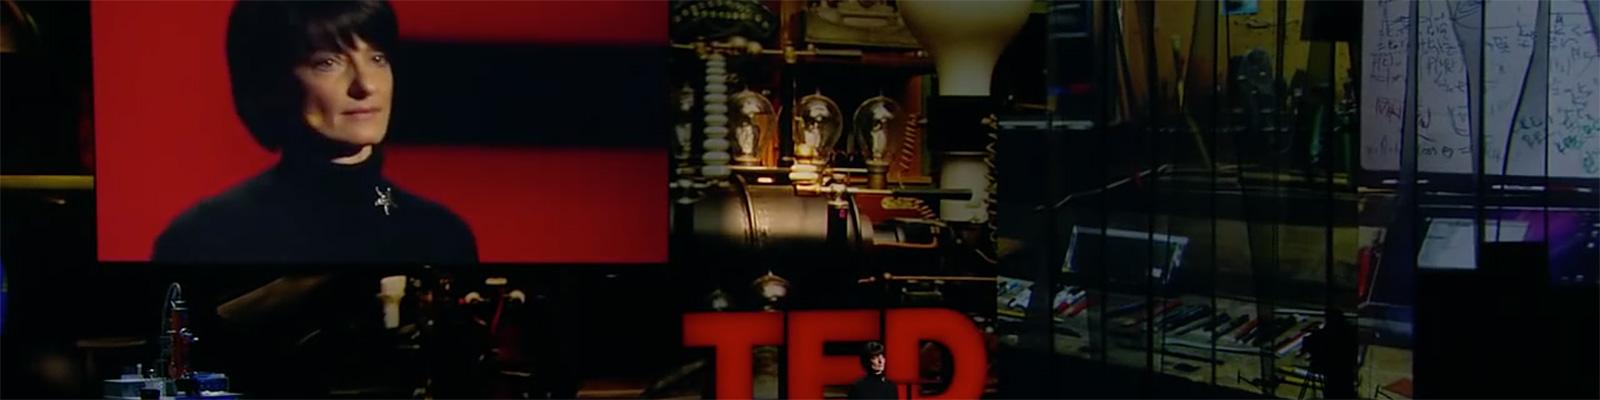 レギーナ・ドゥーガン 「マッハ20のグライダーからハチドリロボットまで」(TED)